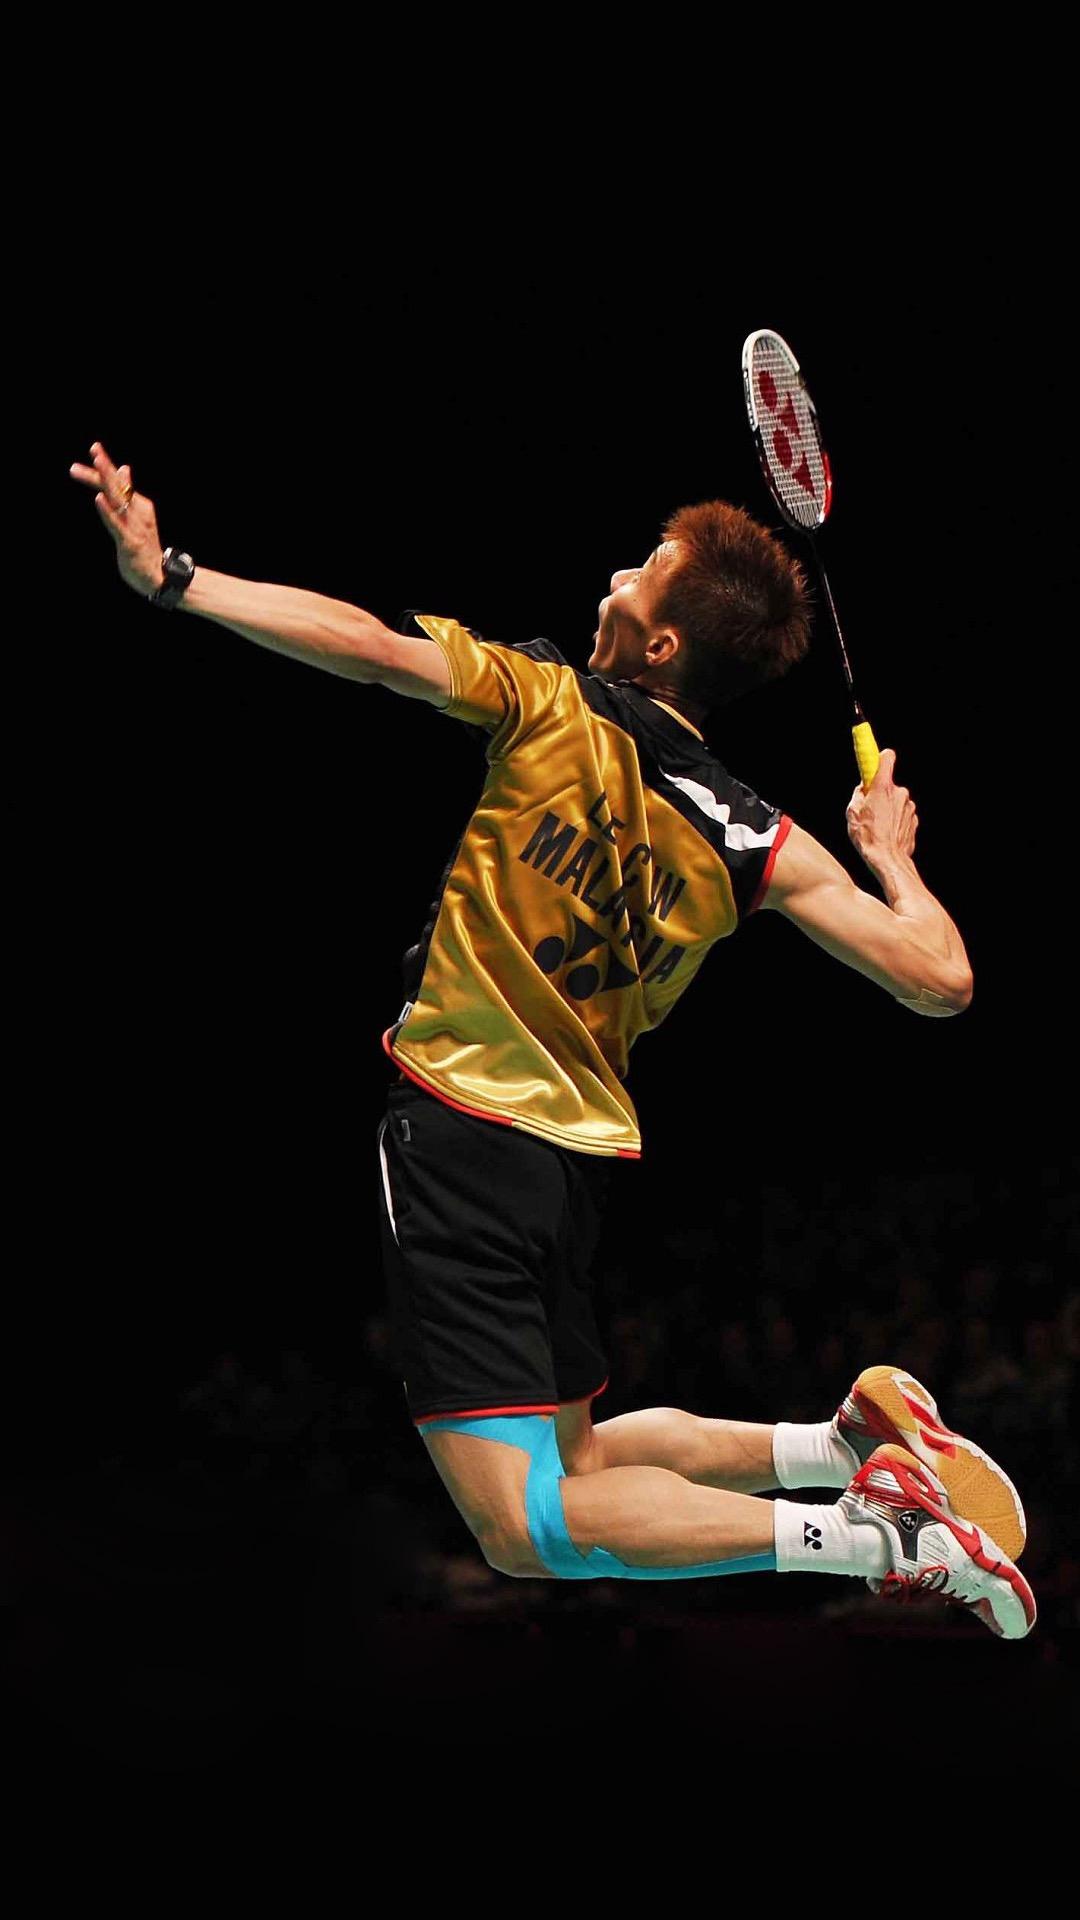 李宗伟 羽毛球 体育